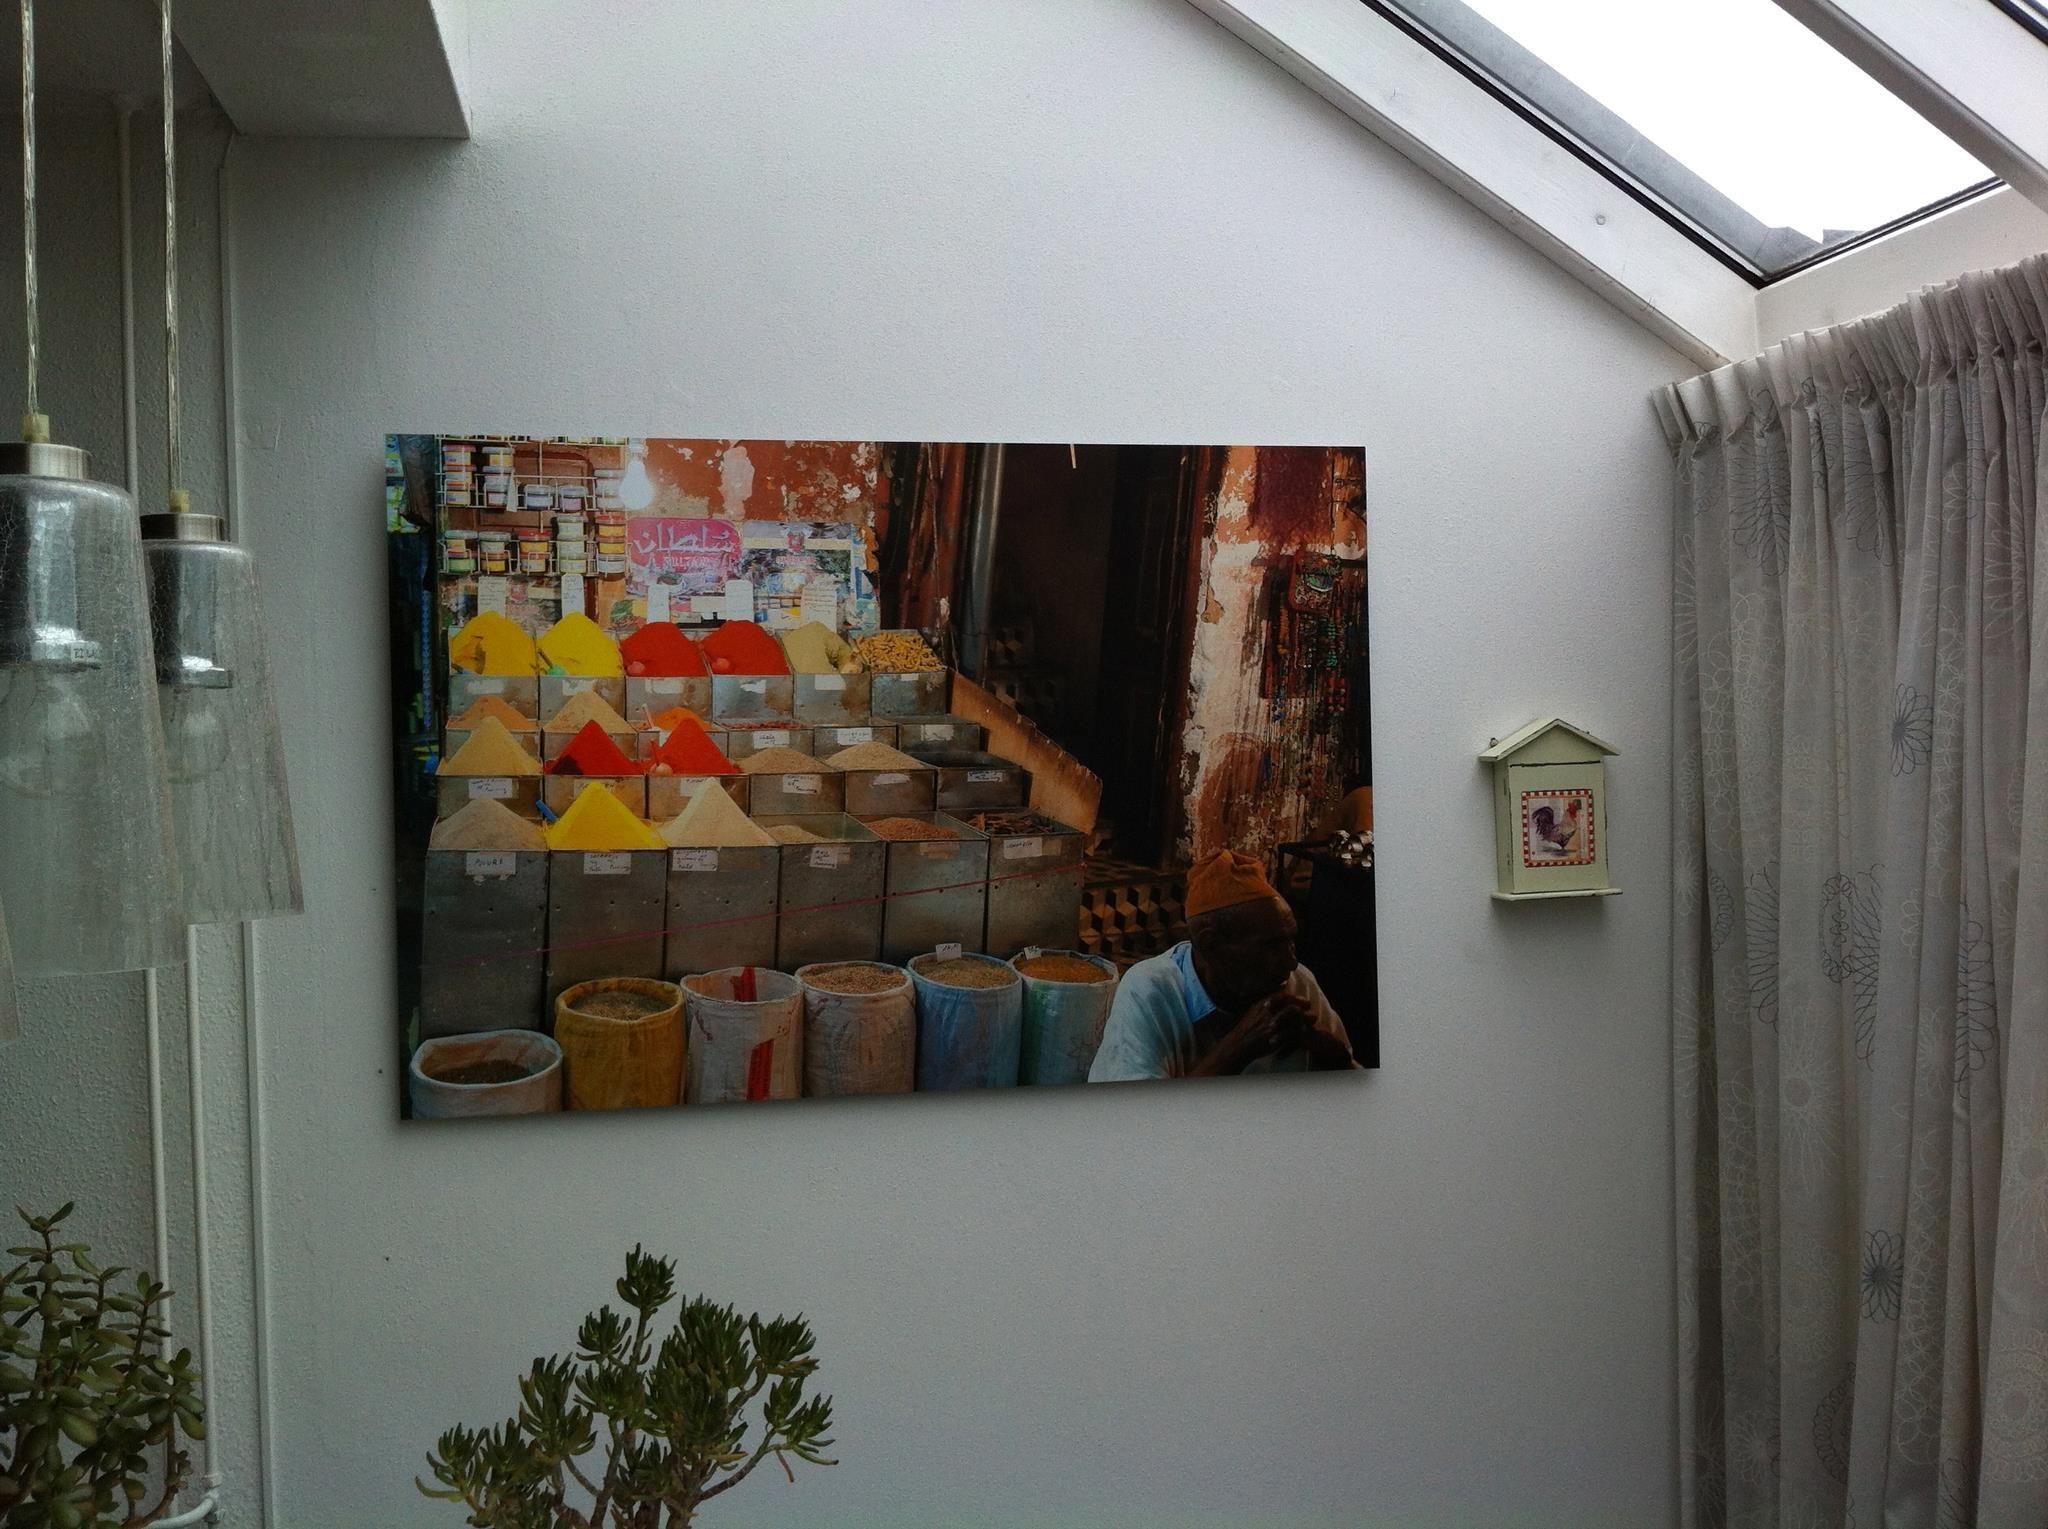 Mijn eerste X-pozer hangt prachtig in de serre. Stukje Marrakech in huis; je ruikt bijna de specerijen! Dank!